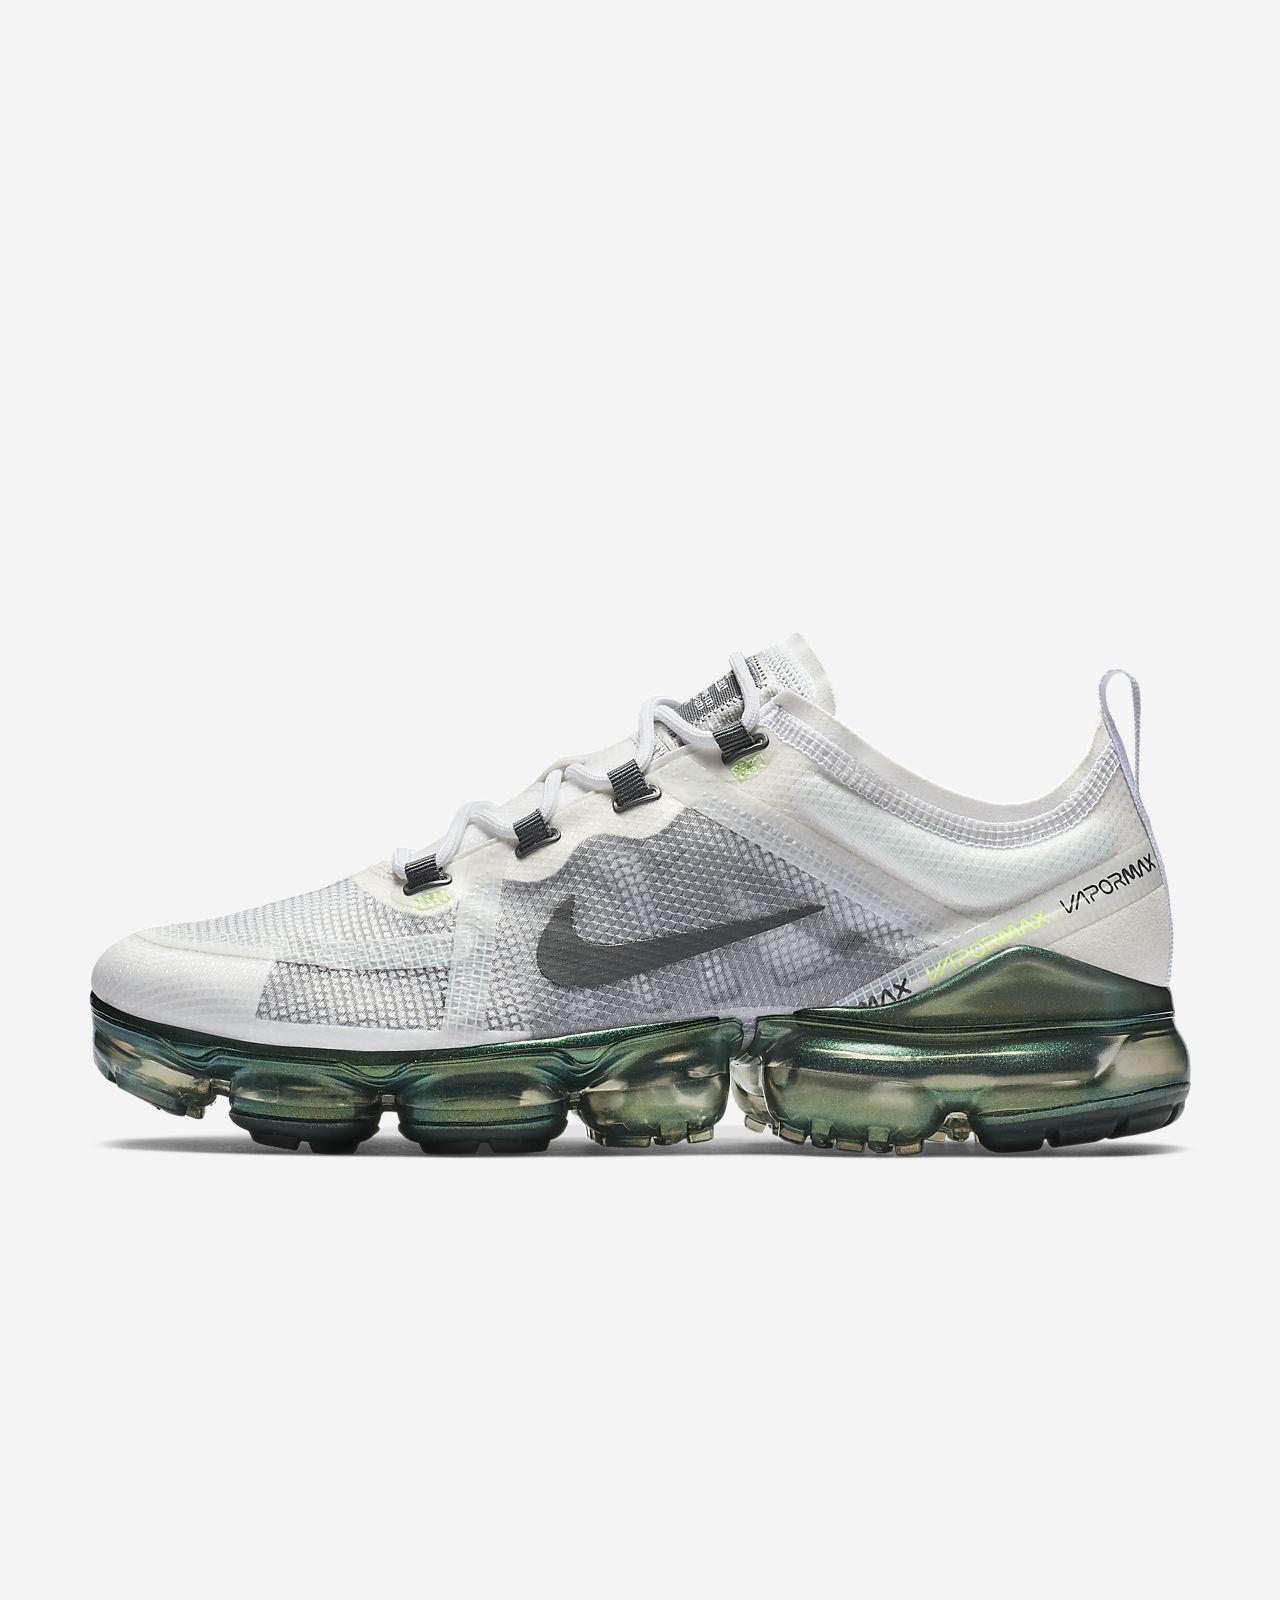 61e96b401e6a2 Nike Air VaporMax 2019 Premium Shoe. Nike.com AU